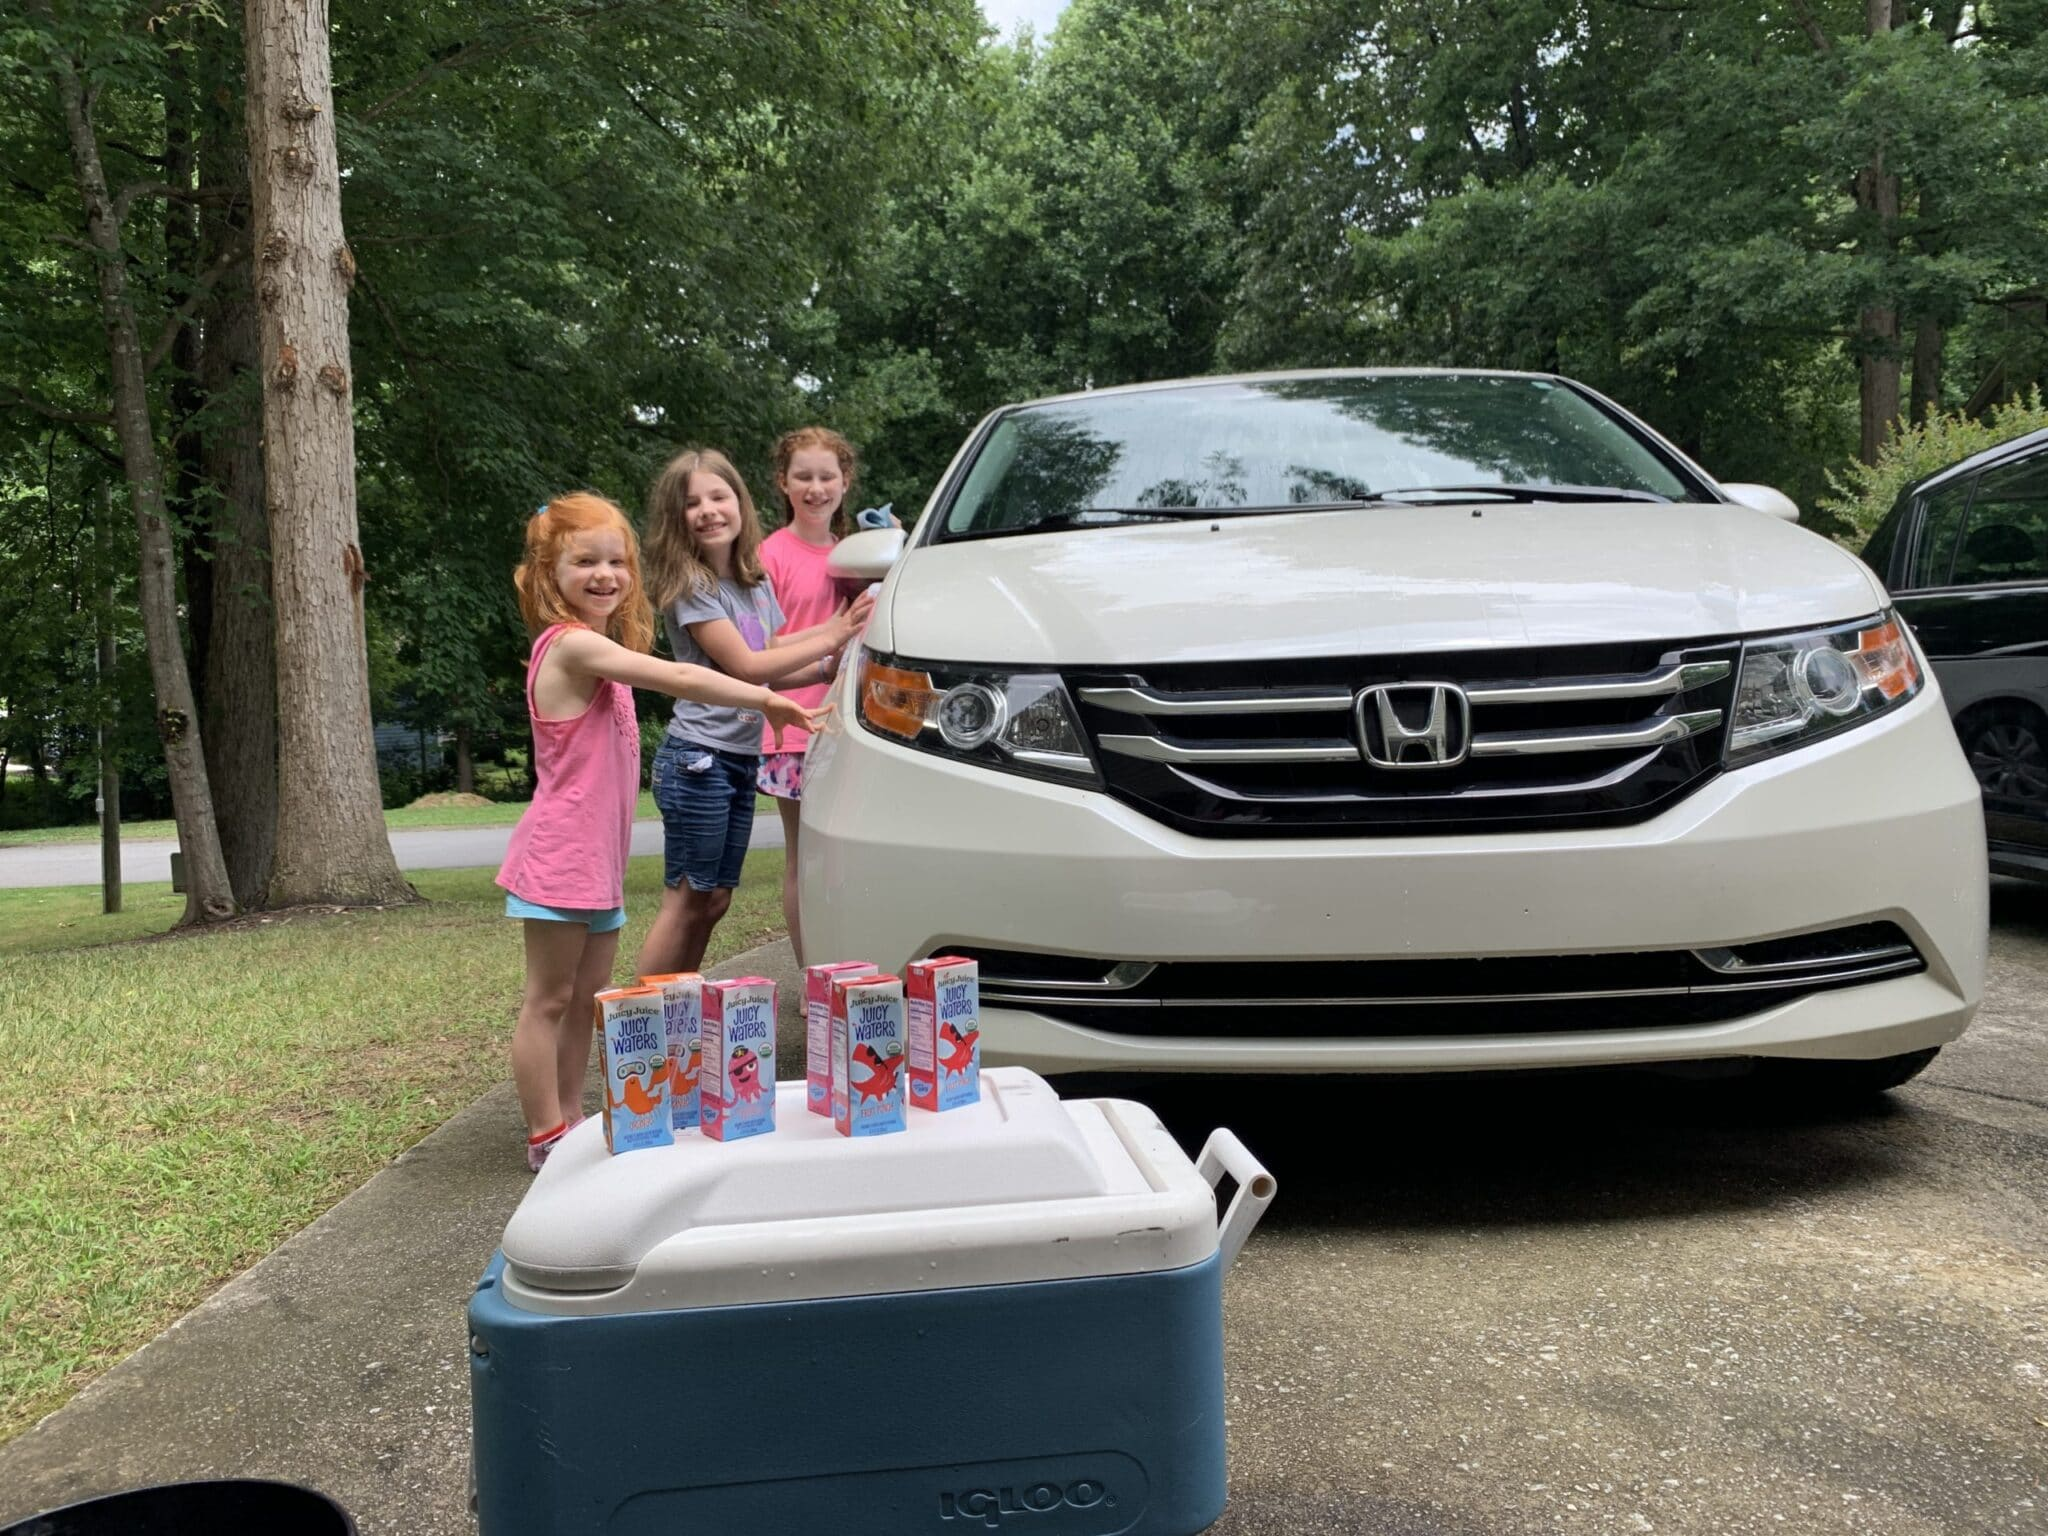 Kids washing car